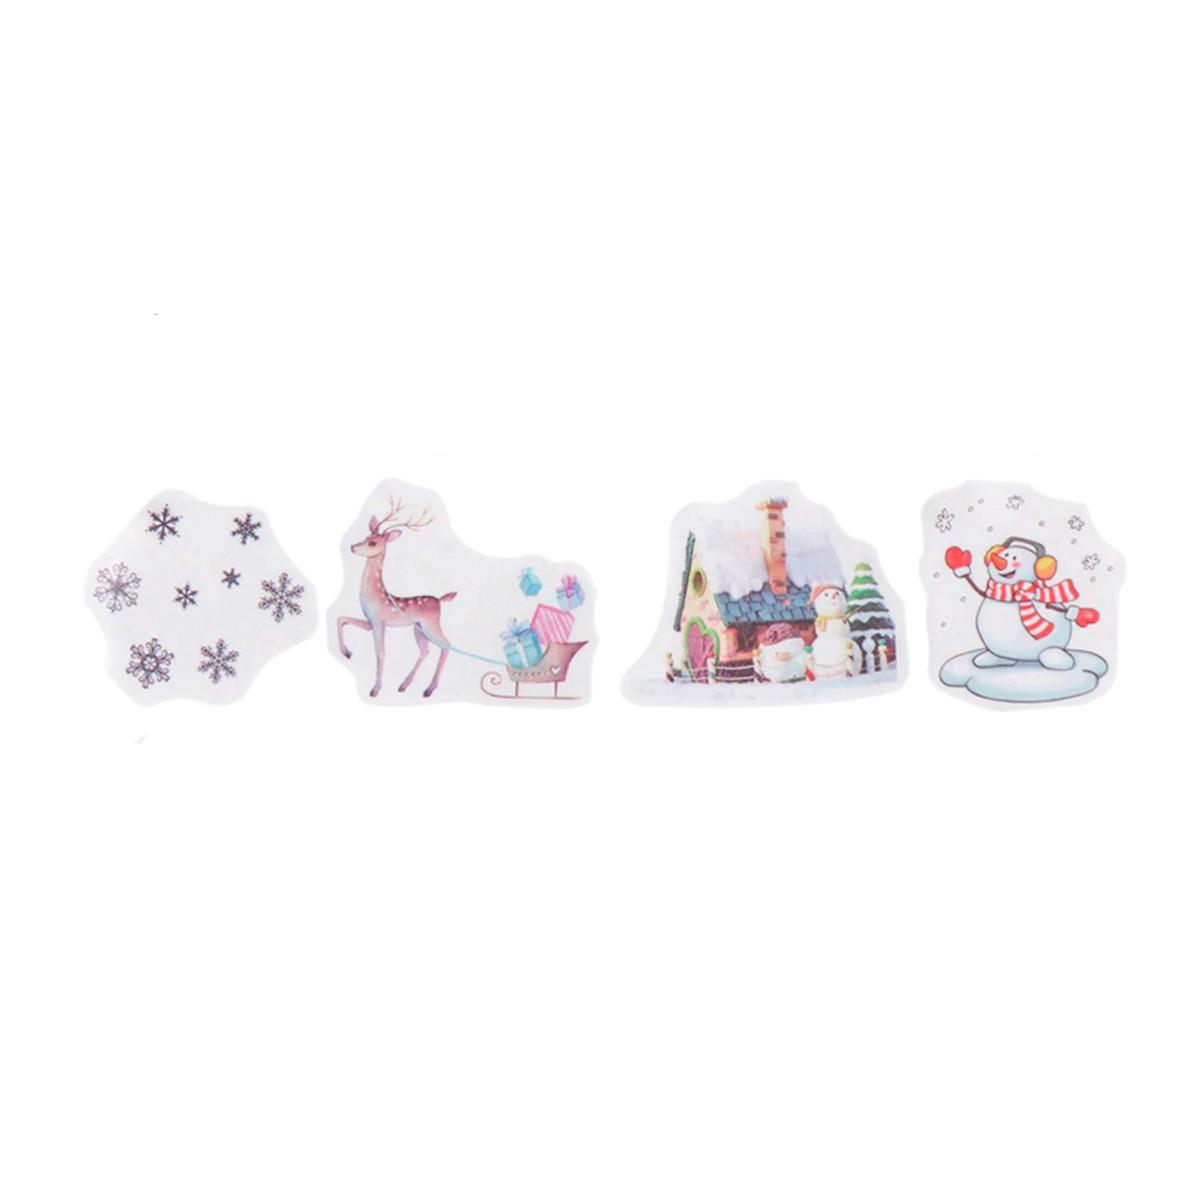 Adesivos de Natal em Rolo de Washi Tape